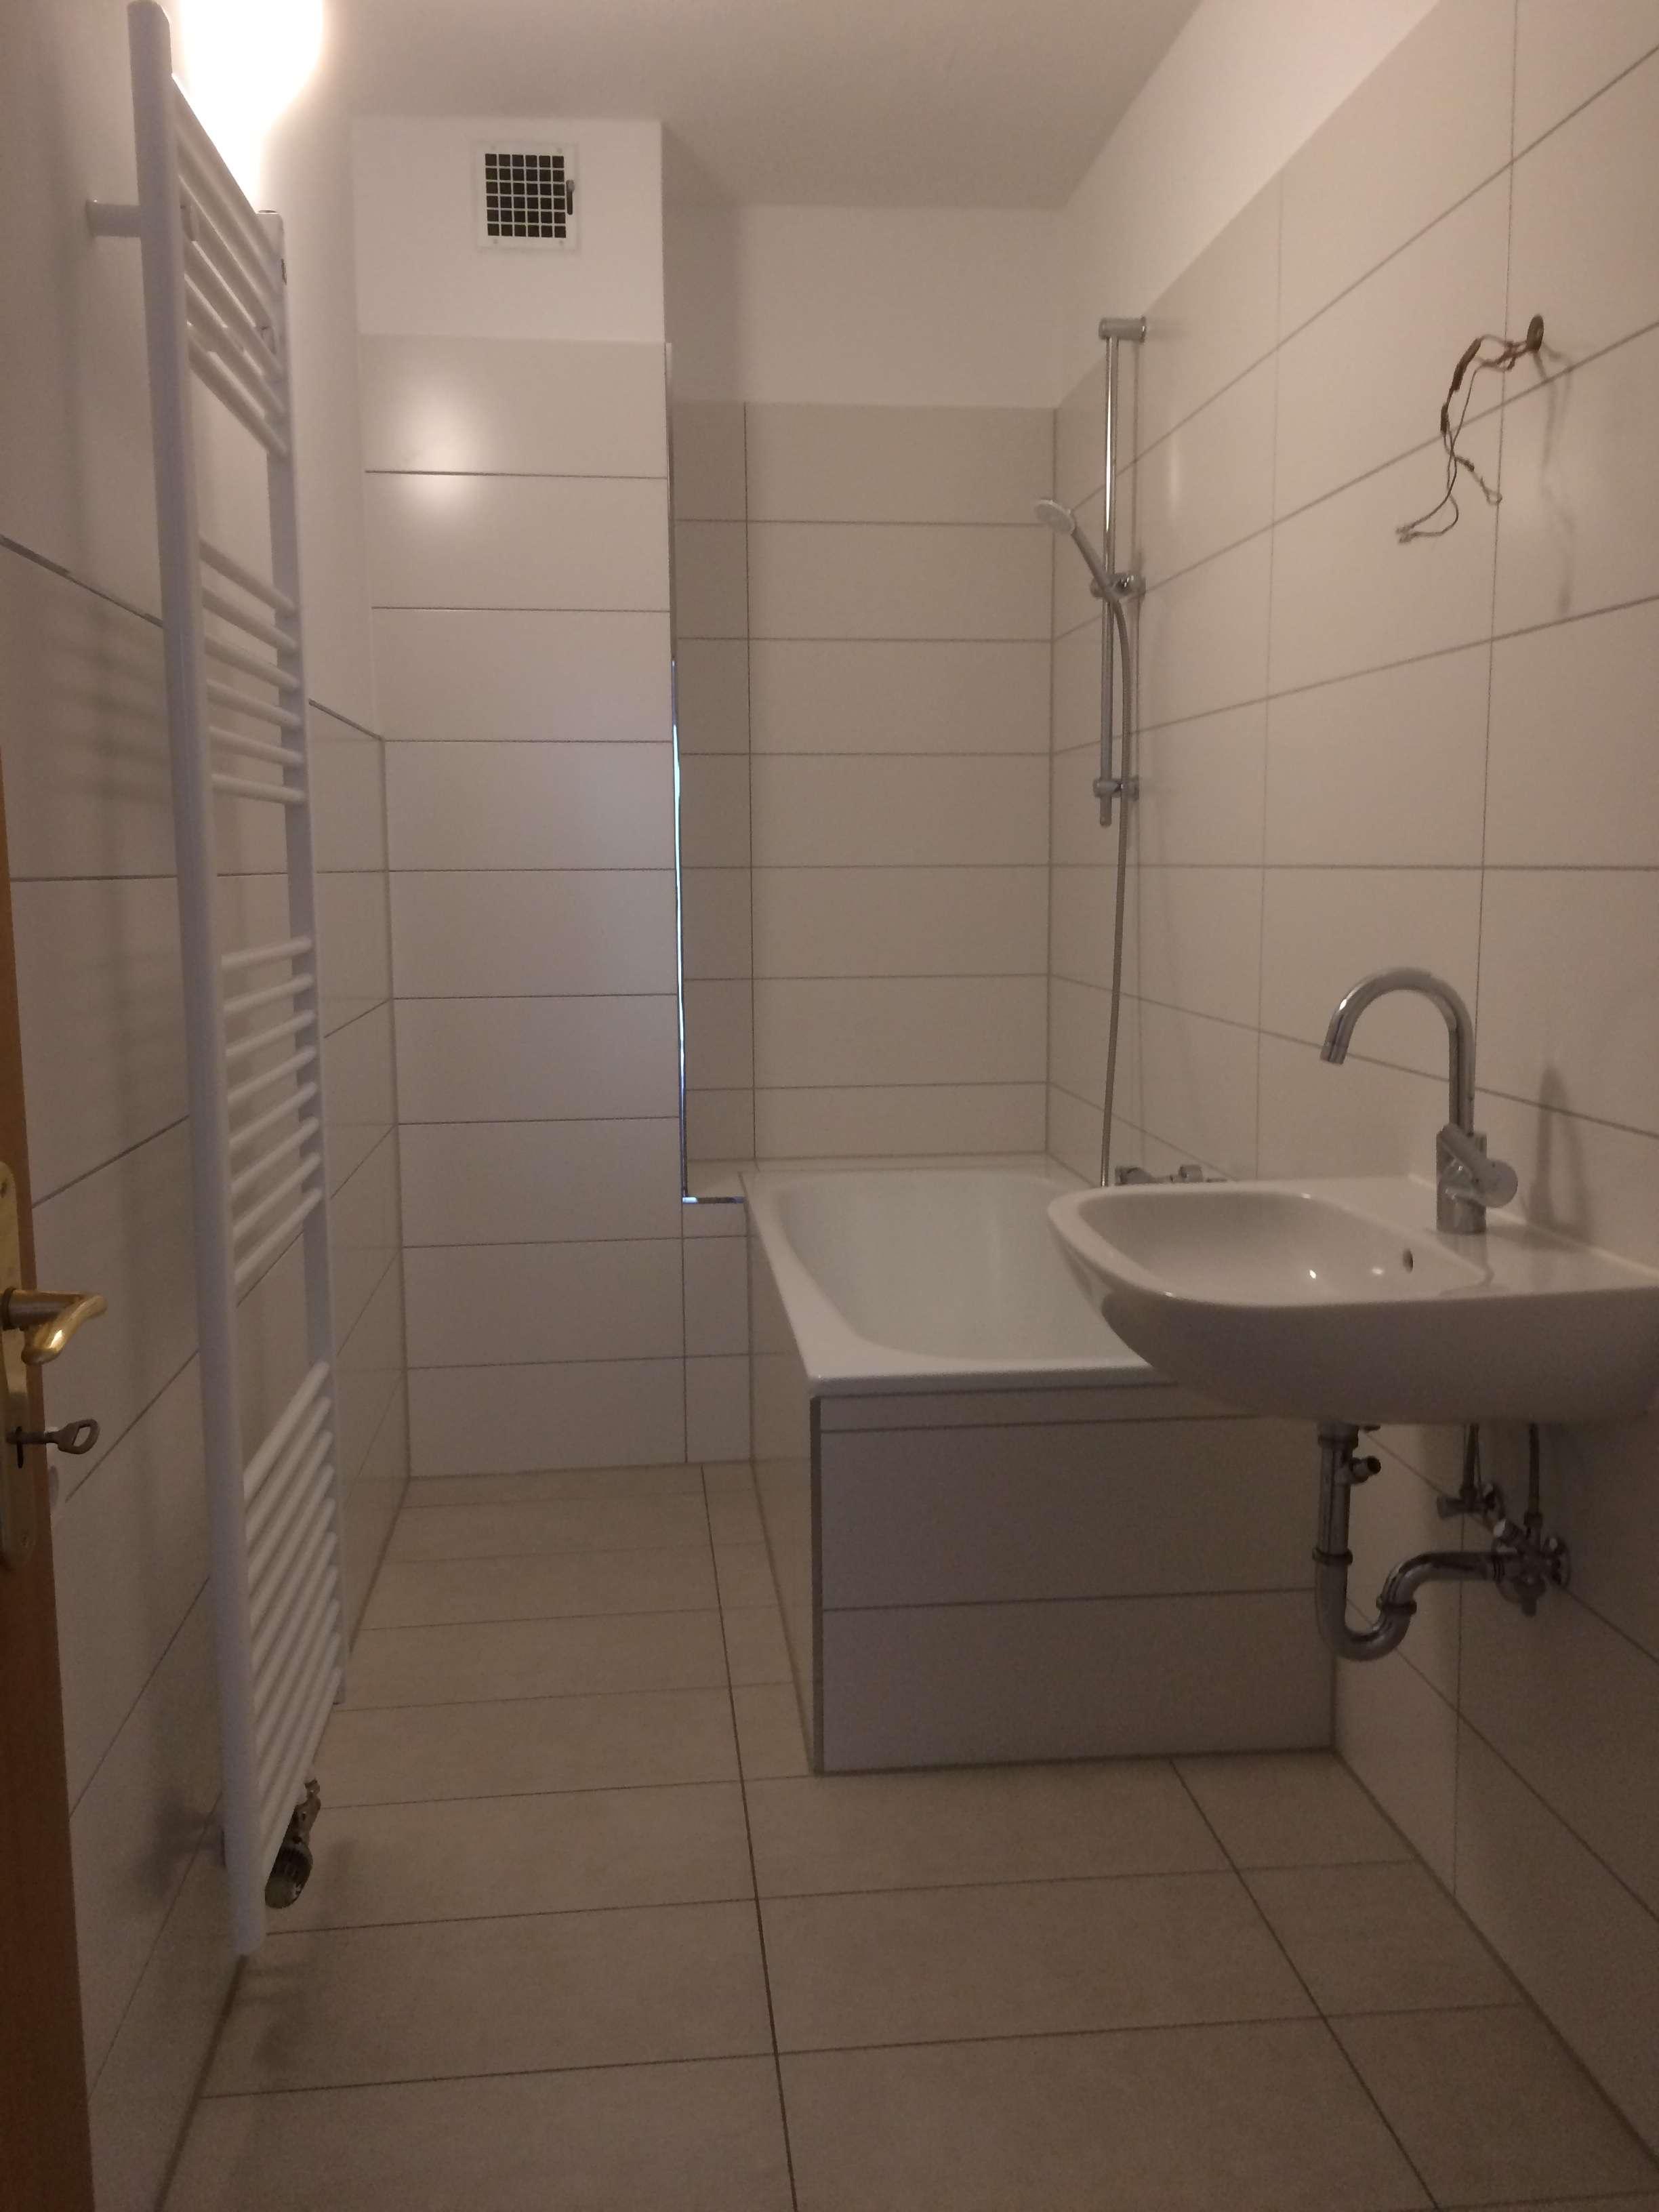 Neu renoviert und ab sofort verfügbar: 2,5 Zimmer-Dachgeschosswohnung in Nürnberg-Gostenhof